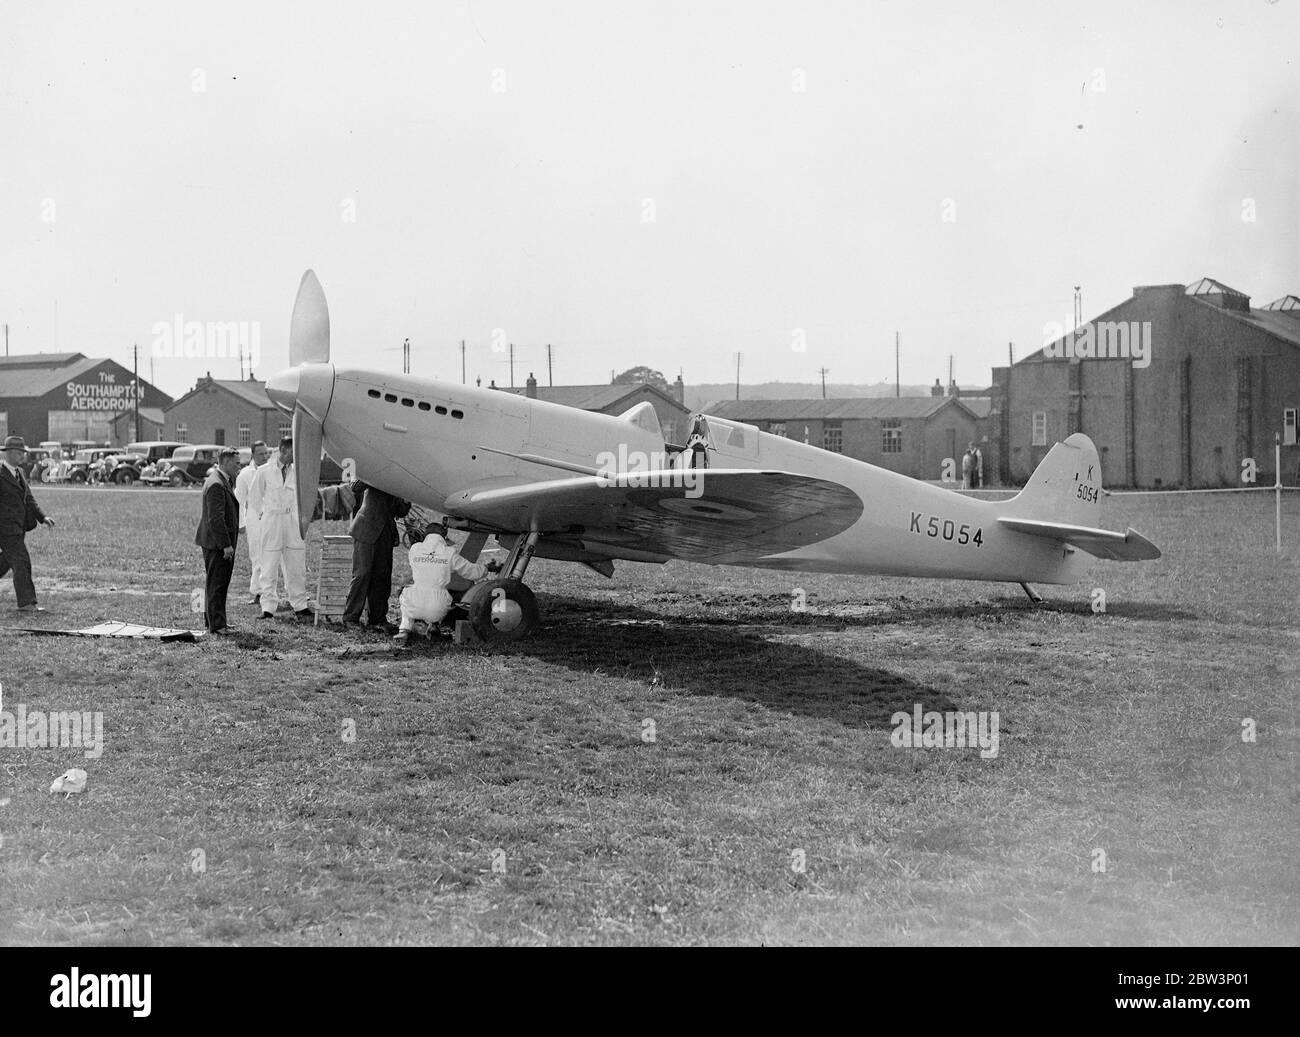 L'avion militaire le plus rapide du monde a été présenté à Southampton . Nouvelles machines pour la Royal Air Force . Les avions militaires les plus rapides du monde, le Spitfire 1 , un monoplan à voilure basse et le Vickers Wellesley , un bombardier à longue portée et un avion à usage général , ont été présentés à l'aérodrome d'Eastleigh , Southampton . Construit pour la Royal Air Force par les travaux aériens Supermarine ( Vickers ) Lamianté , les deux machines sont équipées de trains de roulement rétractables . Spitfire 1 , un chasseur de jour et de nuit , est équipé de volets d'aile . Les deux machines doivent être en vue pour la première Banque D'Images